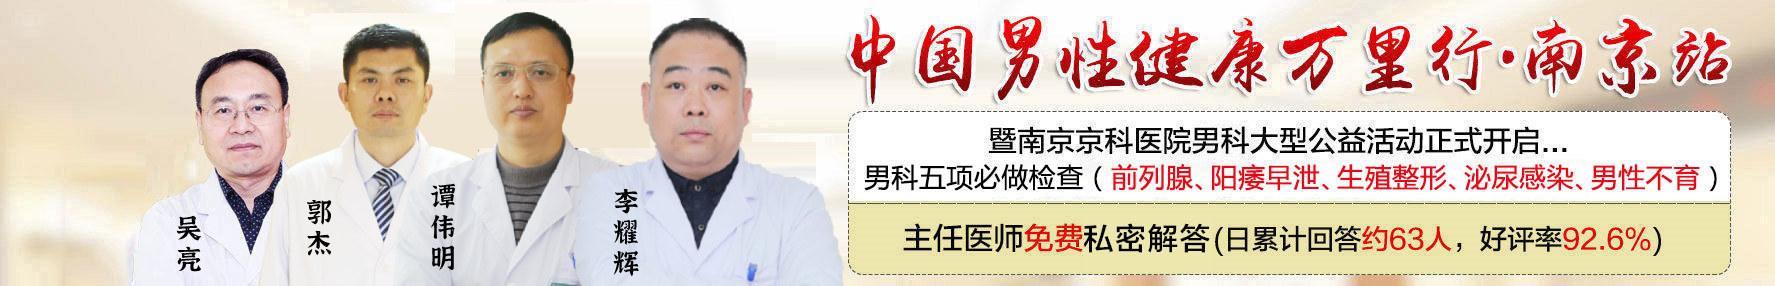 南京男色天使在线视频在线视频偷国产精品